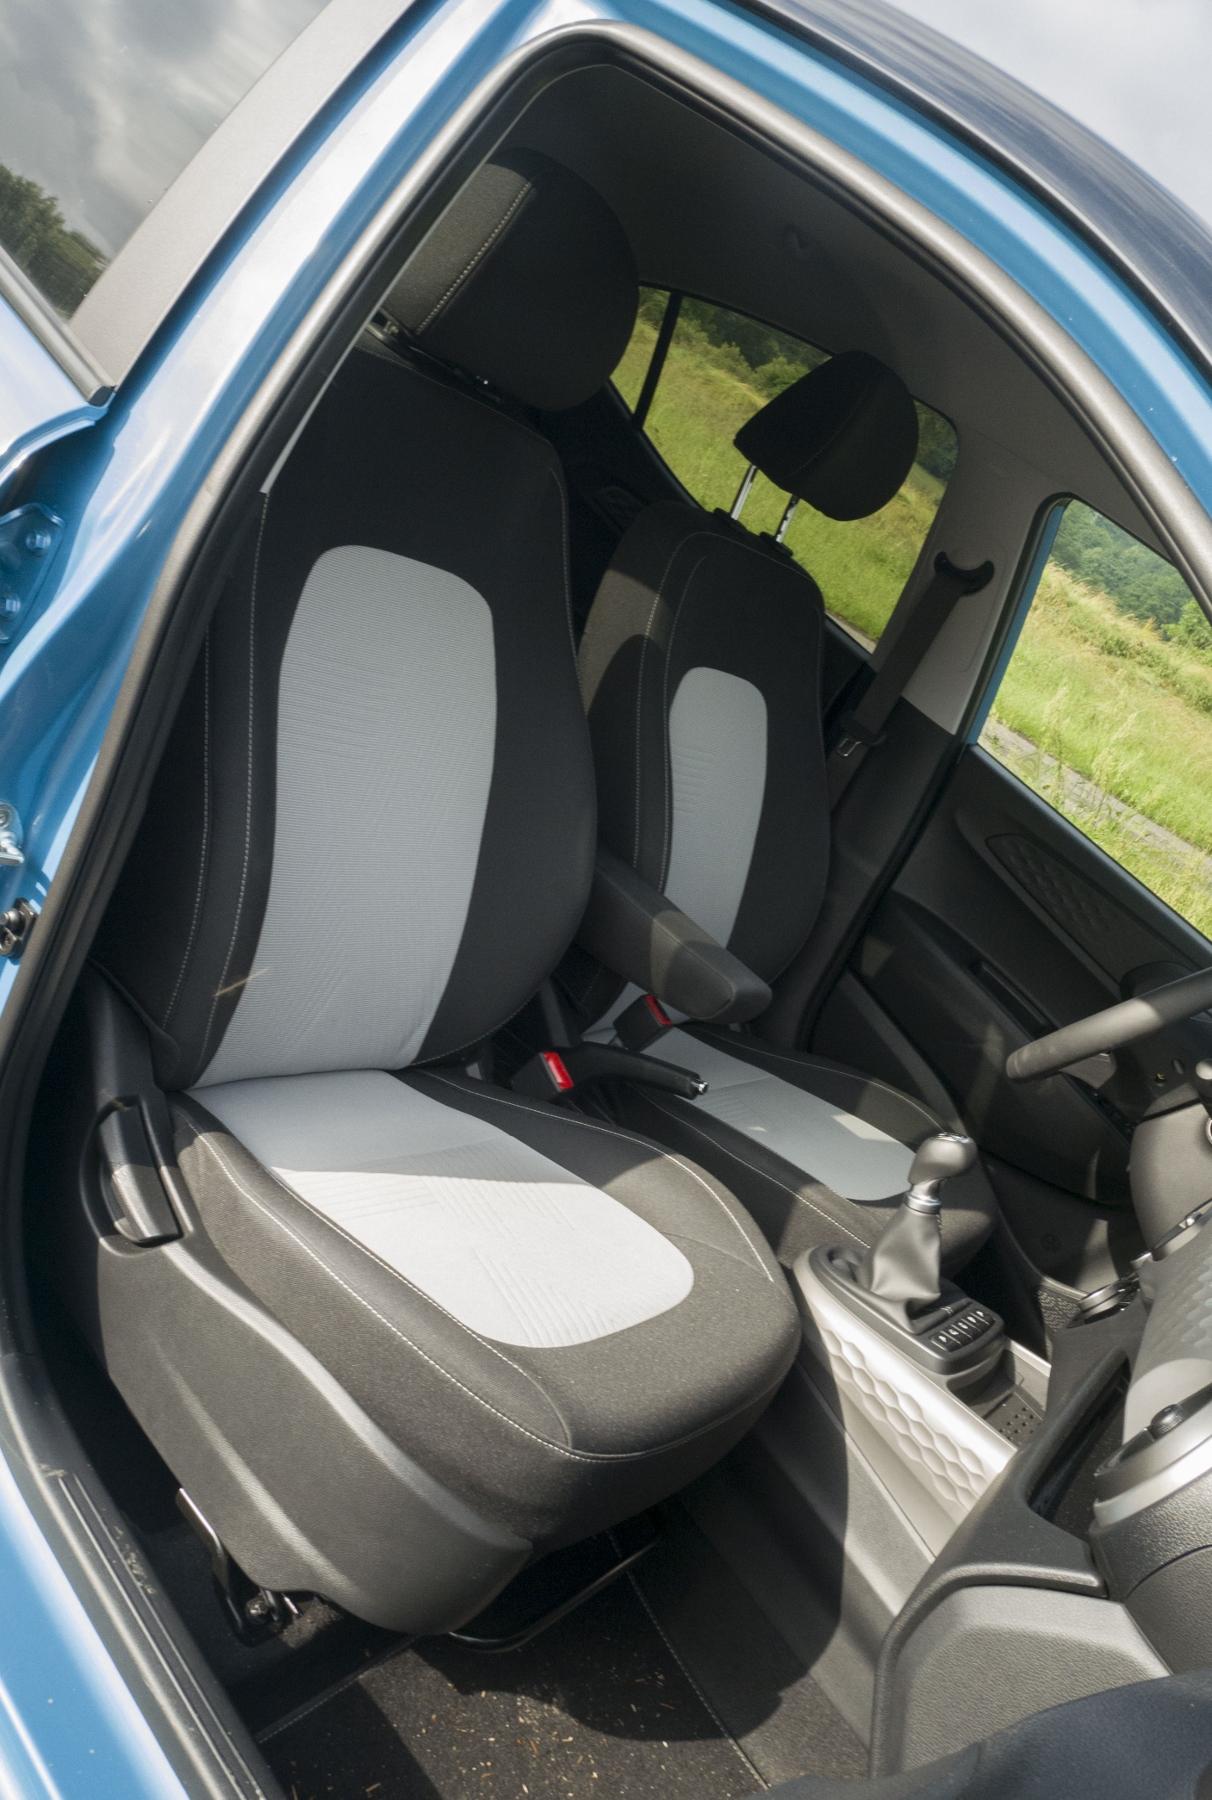 Test: Hyundai i10 je zameraný do mesta. Zo škatuľky vytŕča podvozkom pd4Sm1omxx hyundai-i10-22